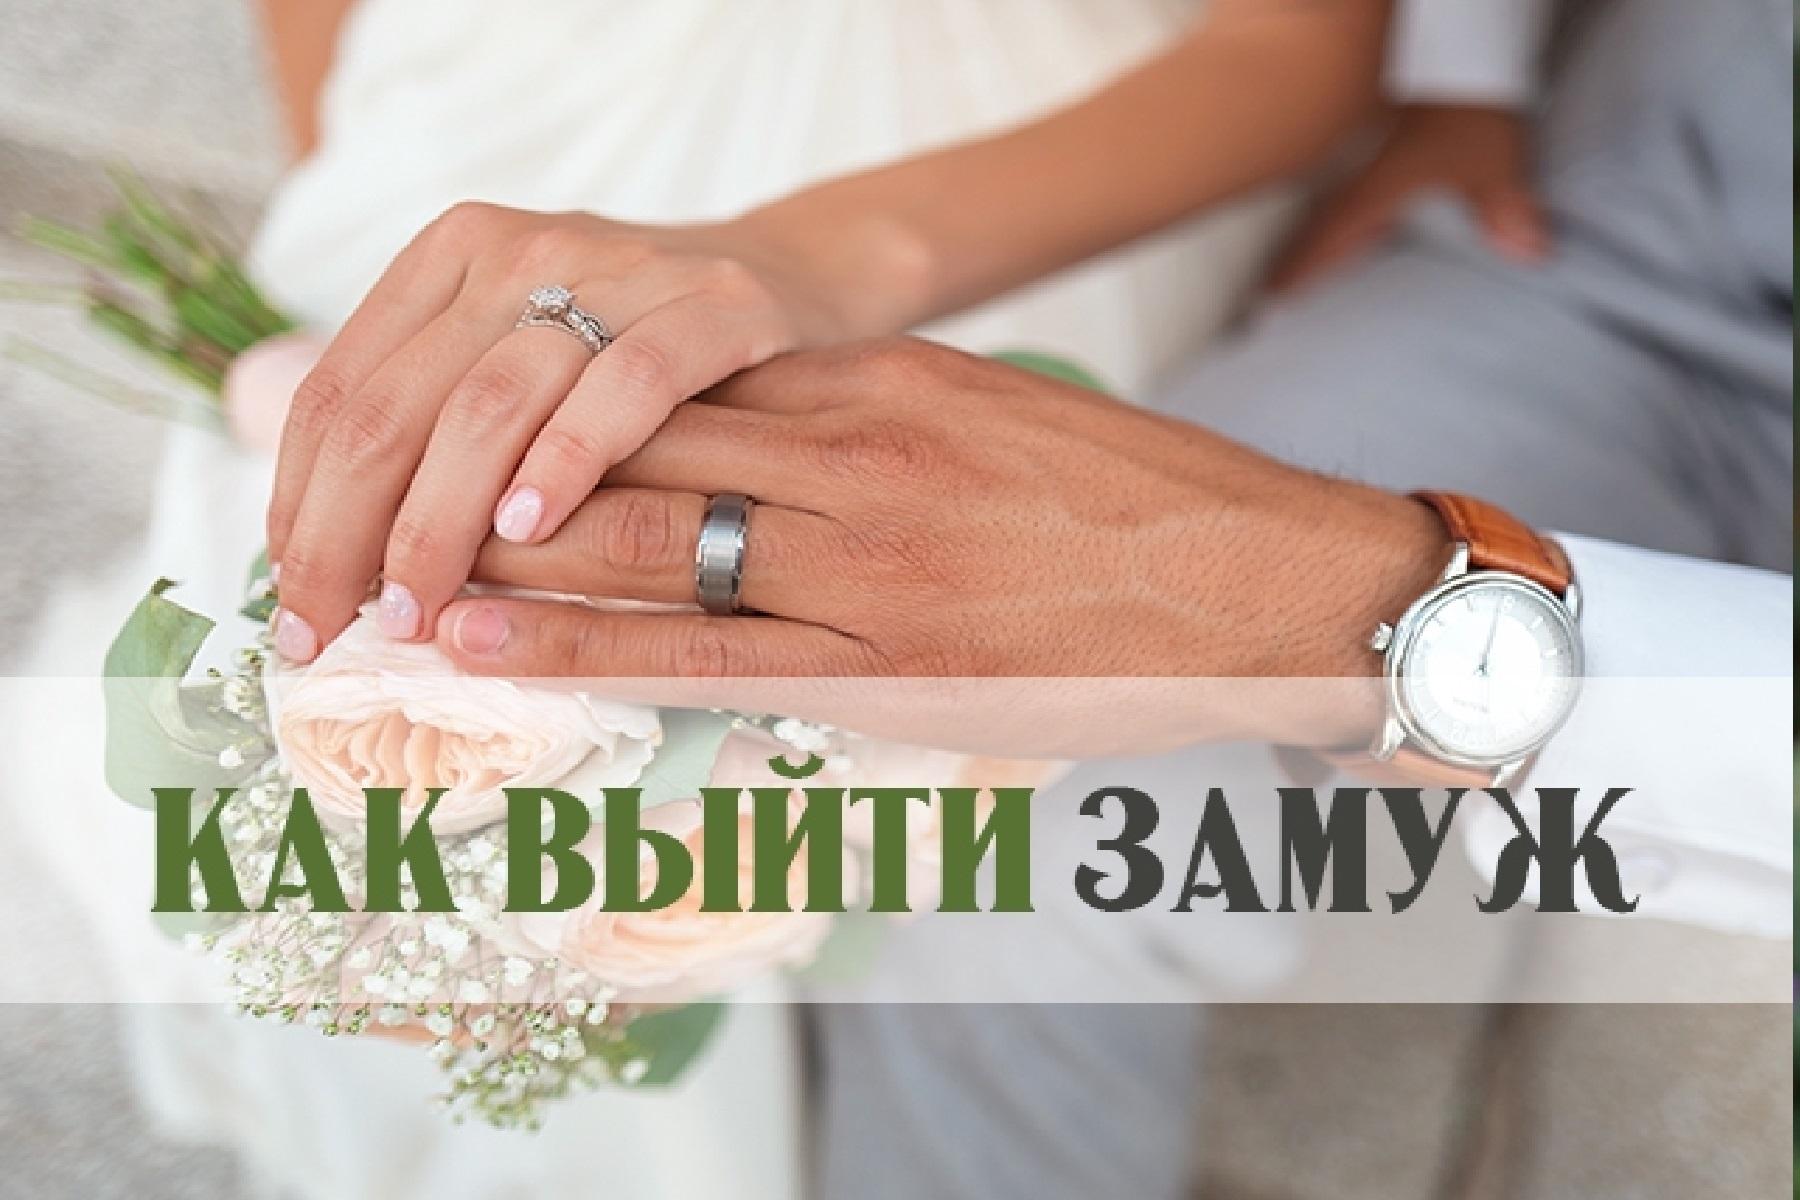 Муж изменяет  12 удивительных фактов об измене!  turupupuru